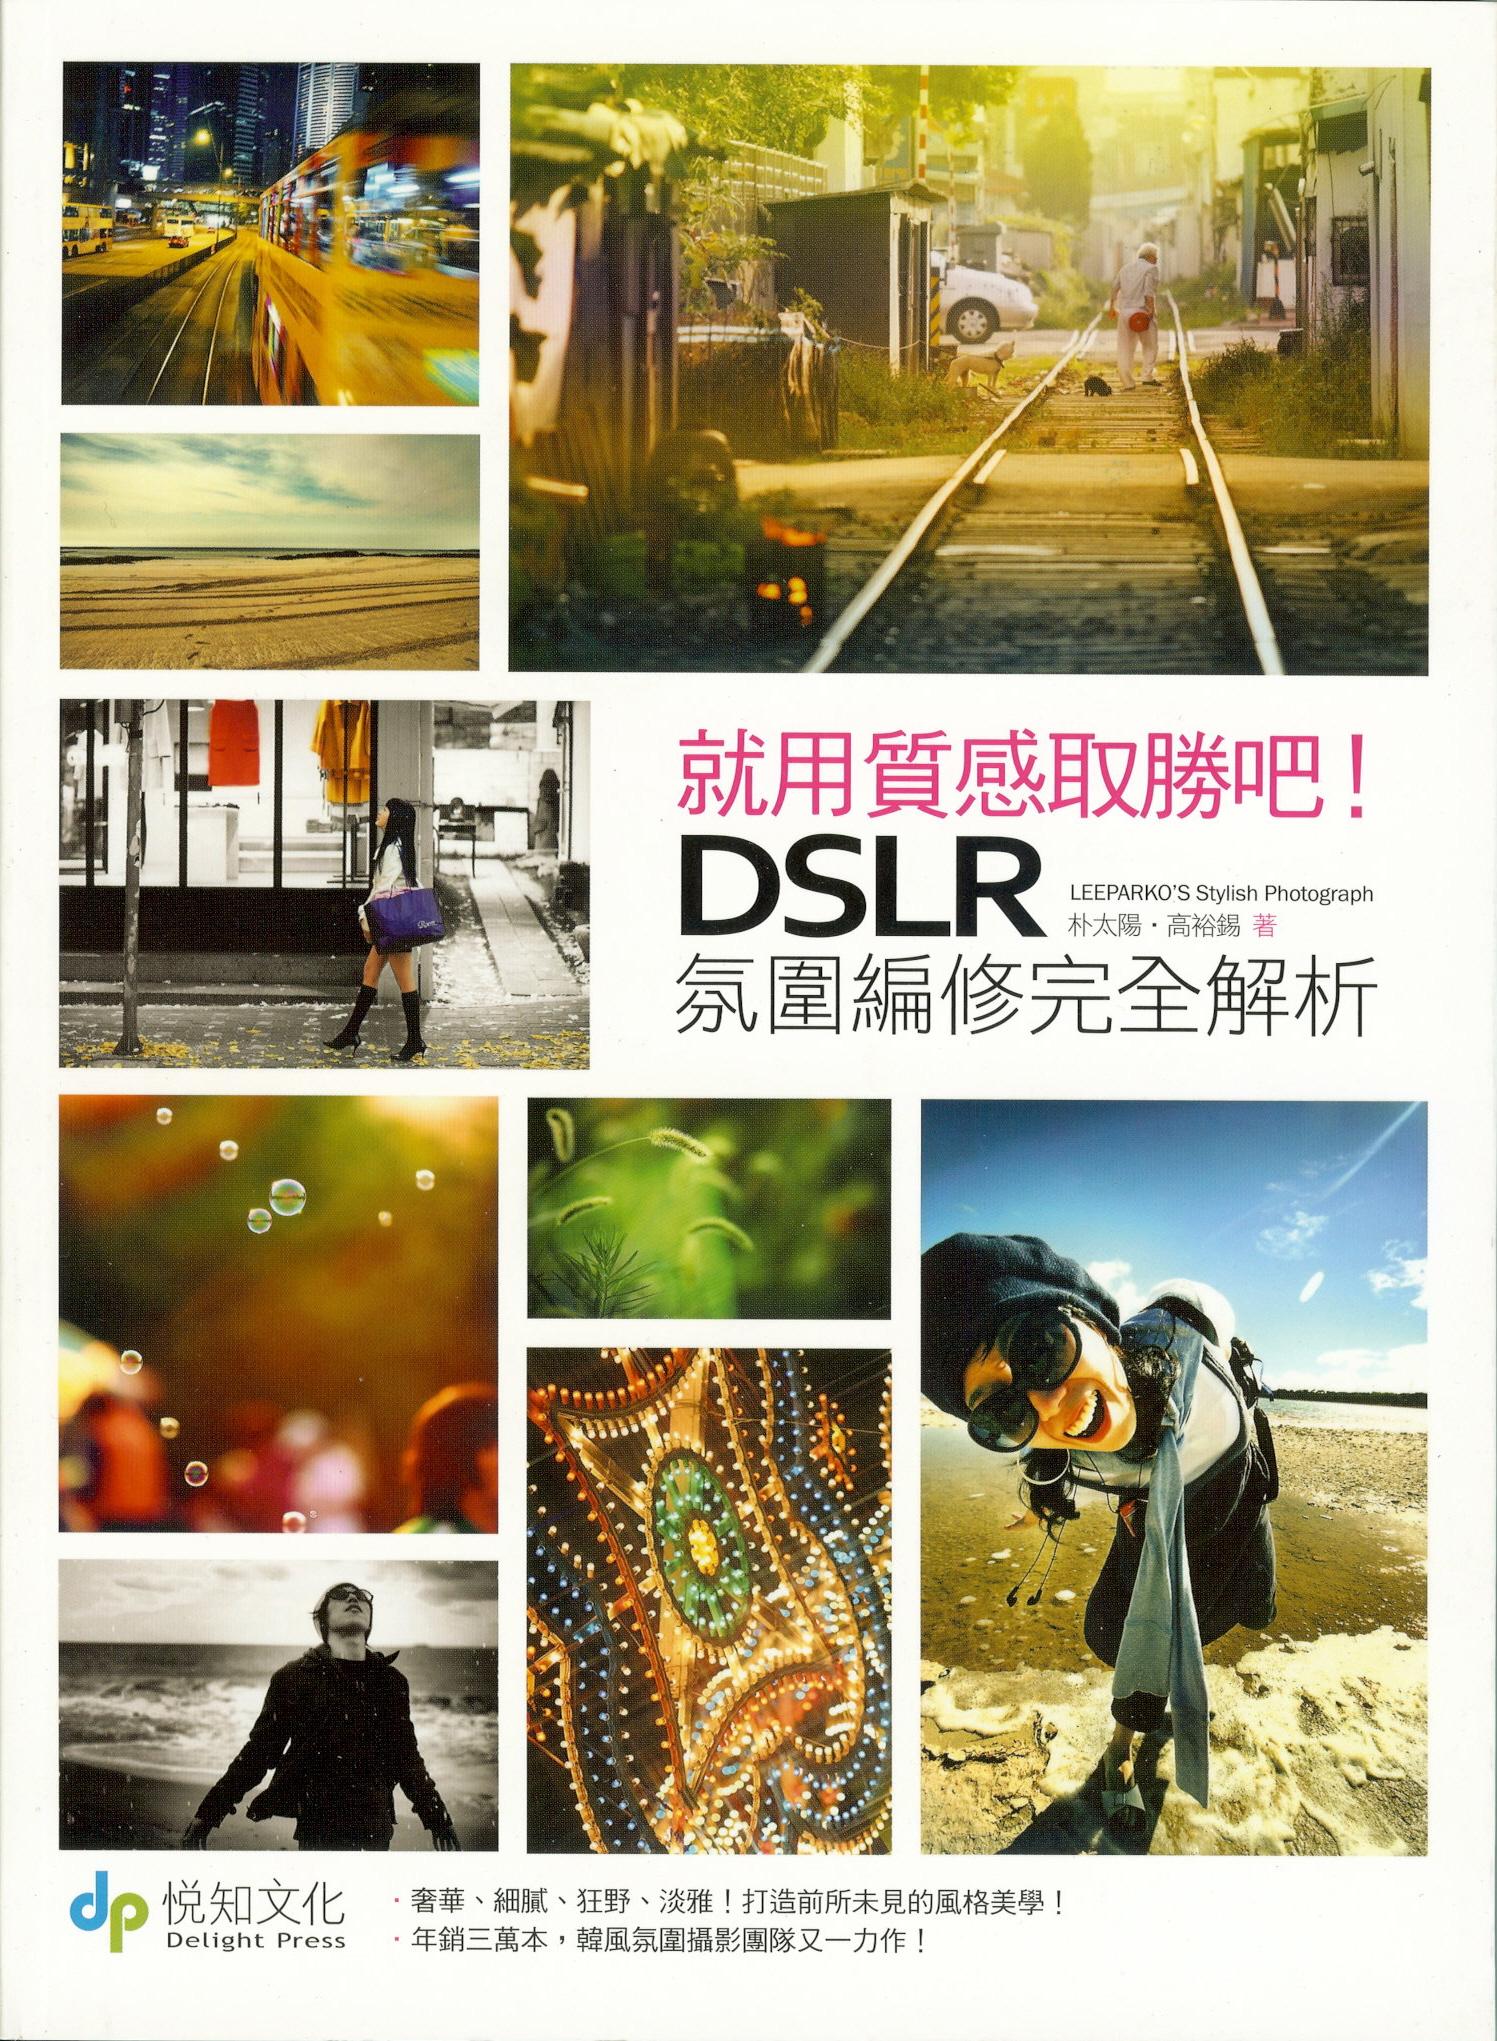 就用質感取勝吧!DSLR氛圍編修完全解析